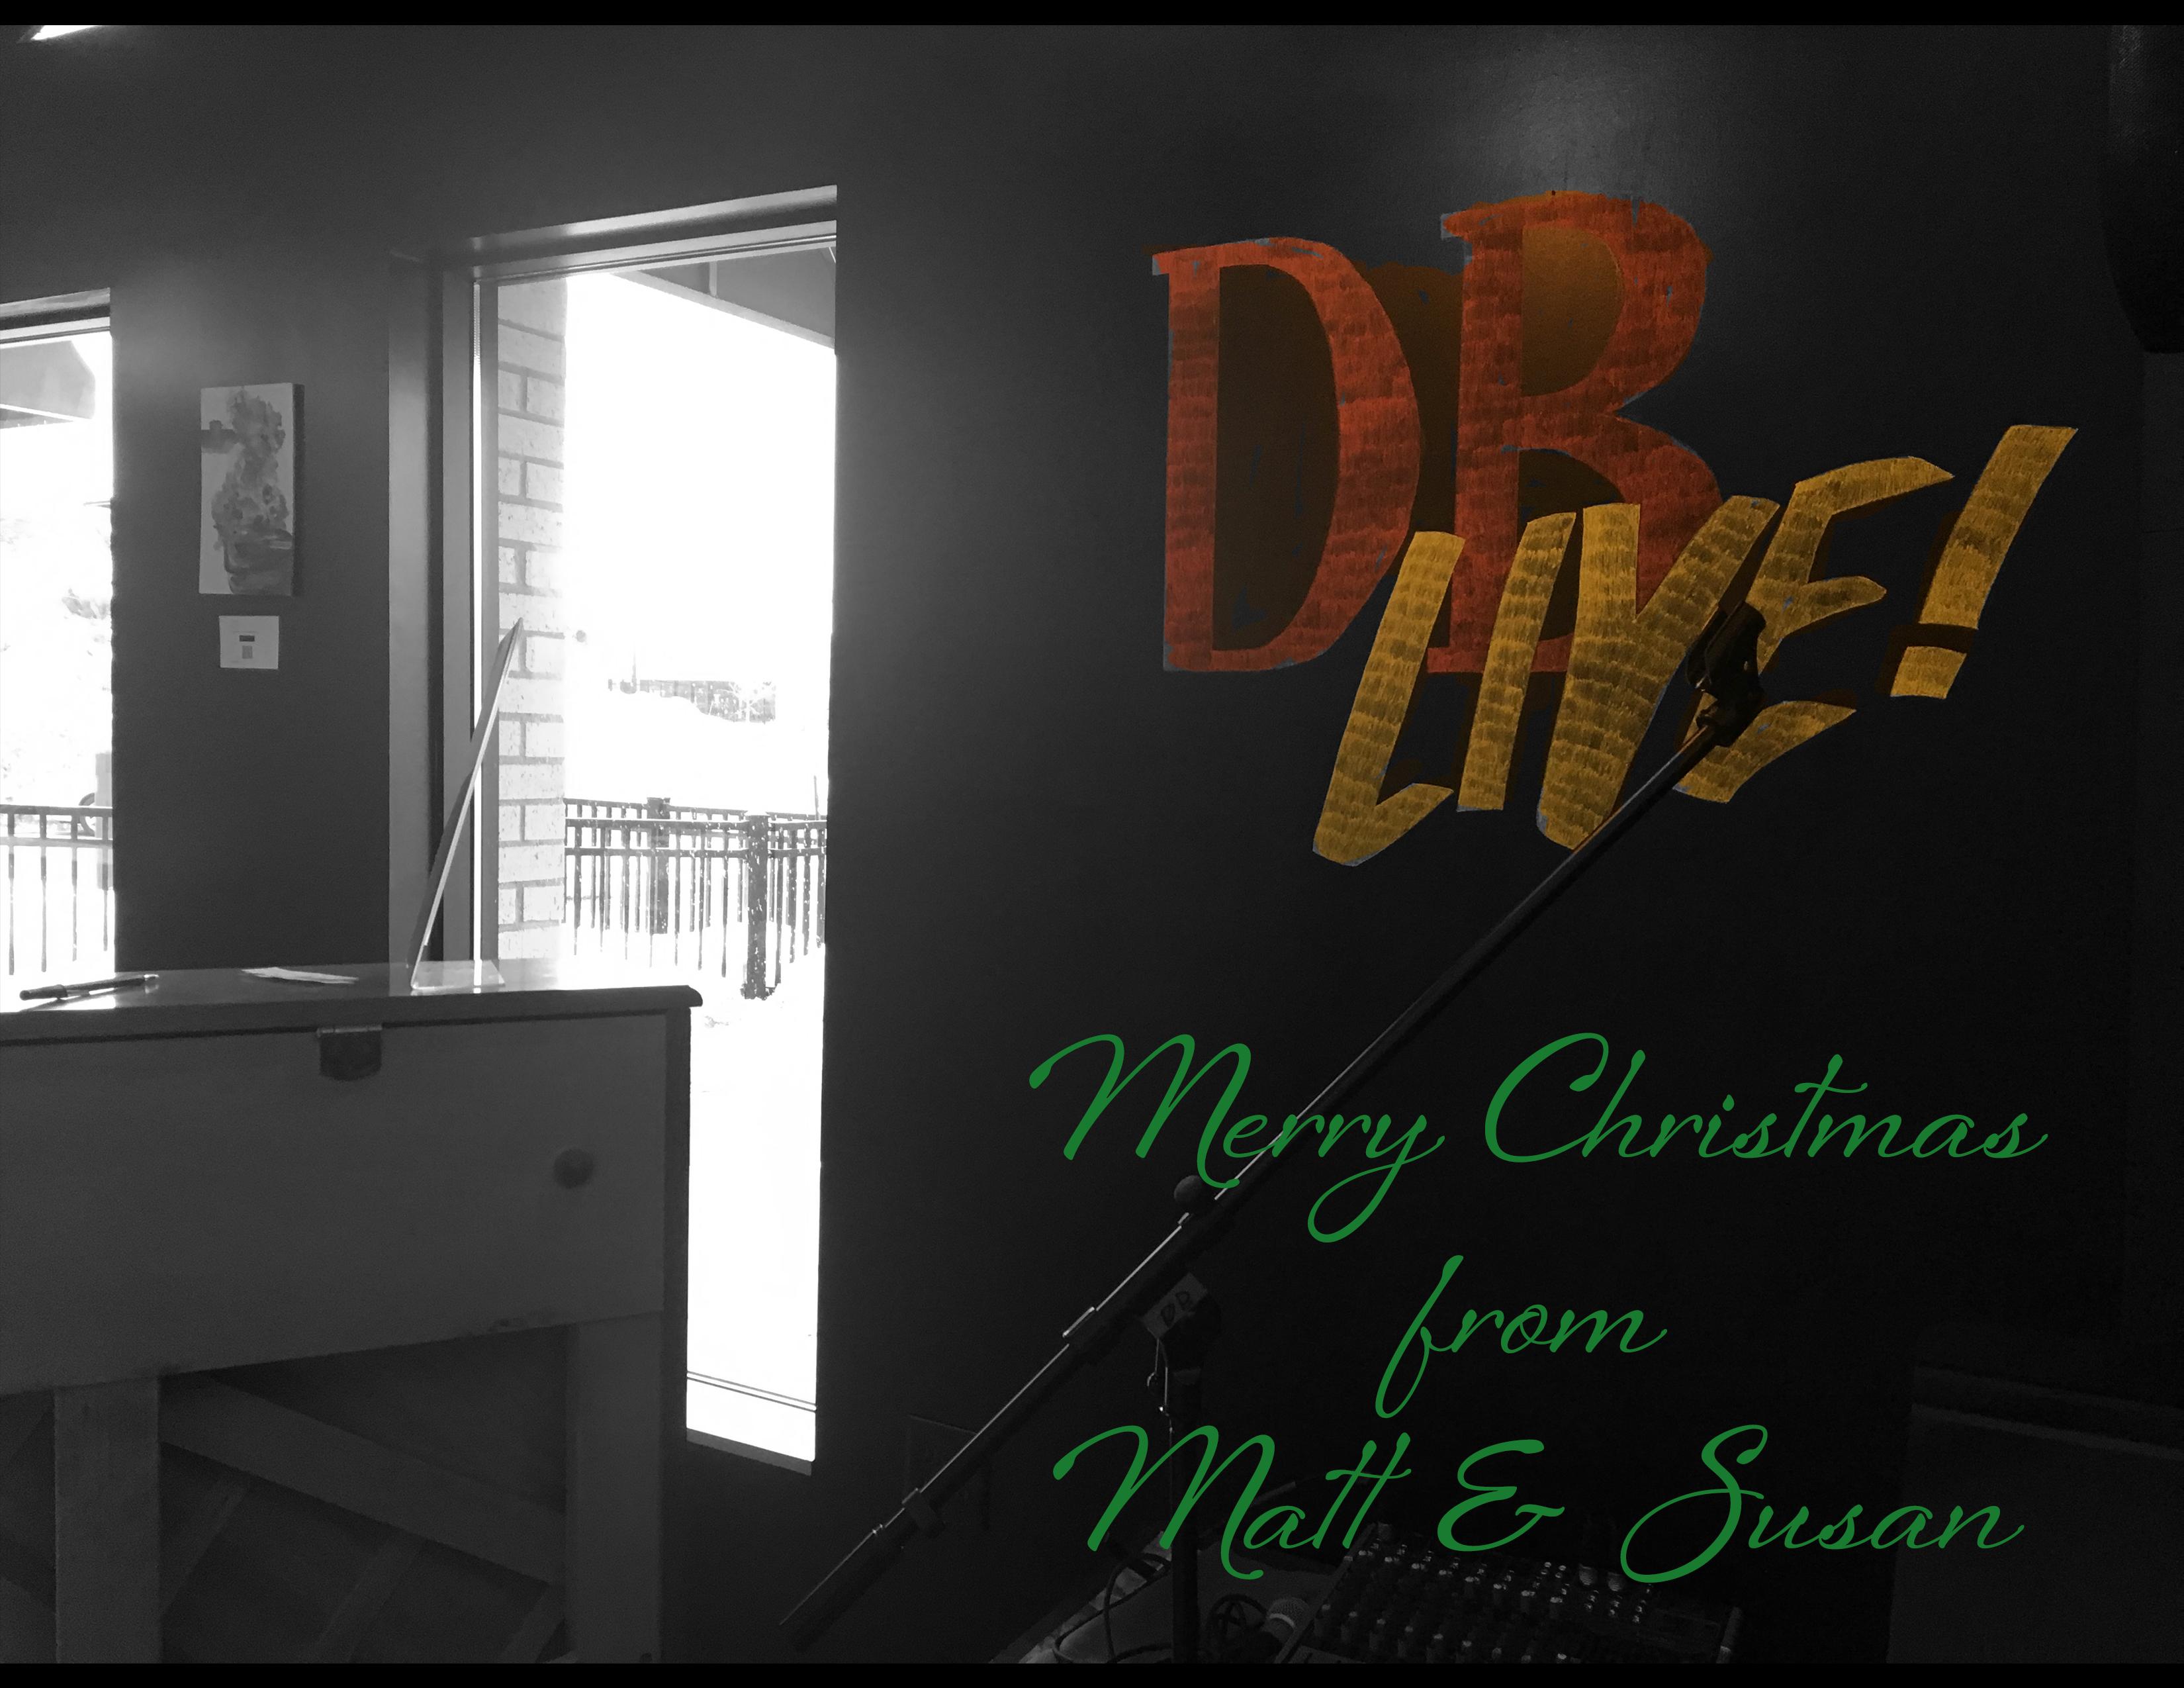 DB AH LIVE wall pic Christmas